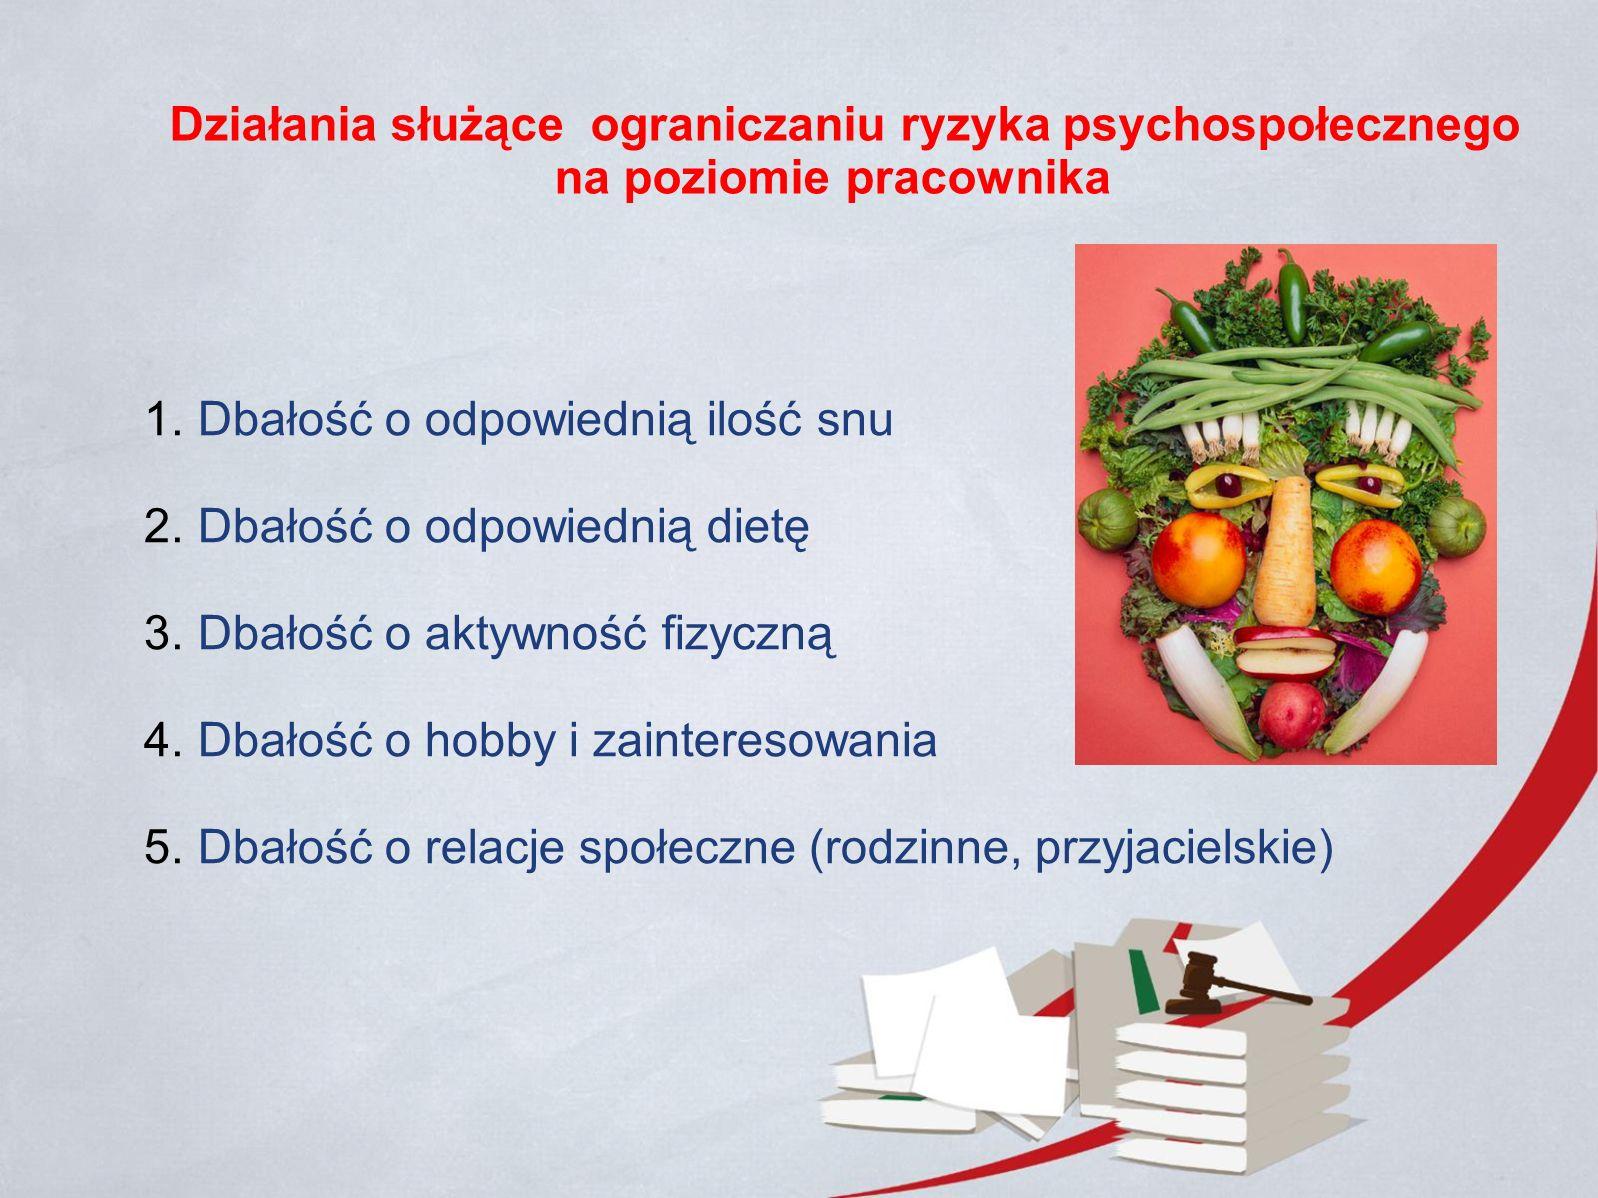 Działania służące ograniczaniu ryzyka psychospołecznego na poziomie pracownika 1.Dbałość o odpowiednią ilość snu 2.Dbałość o odpowiednią dietę 3.Dbałość o aktywność fizyczną 4.Dbałość o hobby i zainteresowania 5.Dbałość o relacje społeczne (rodzinne, przyjacielskie)